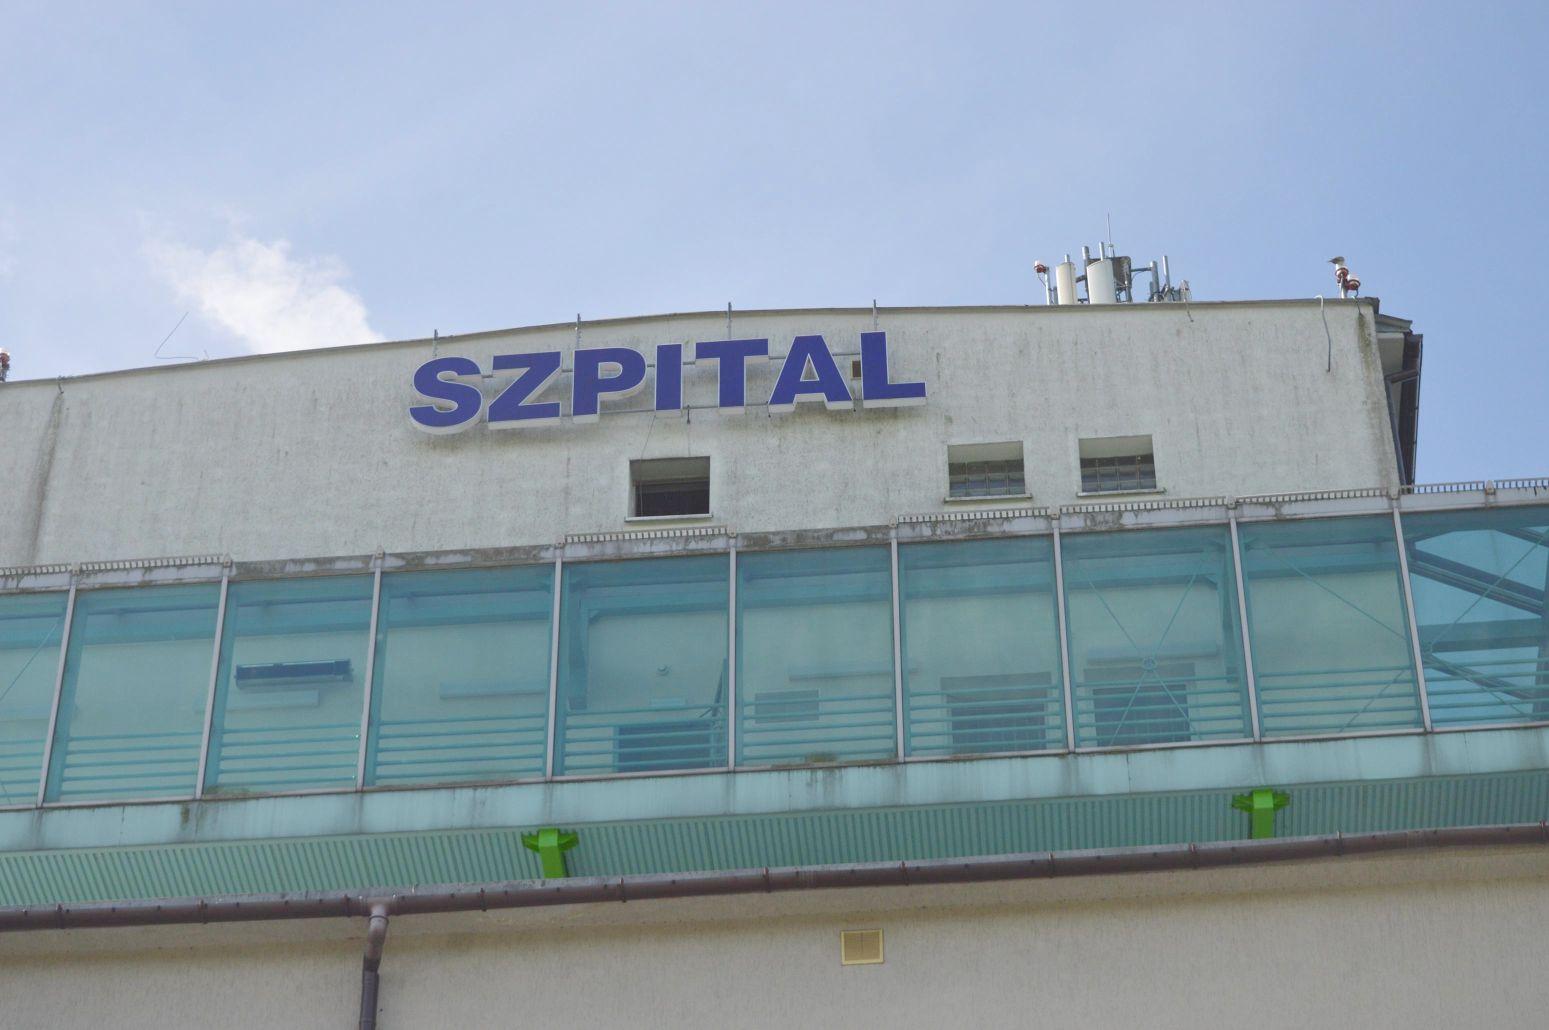 Szpitale wprowadzają ograniczenia odwiedzin pacjentów